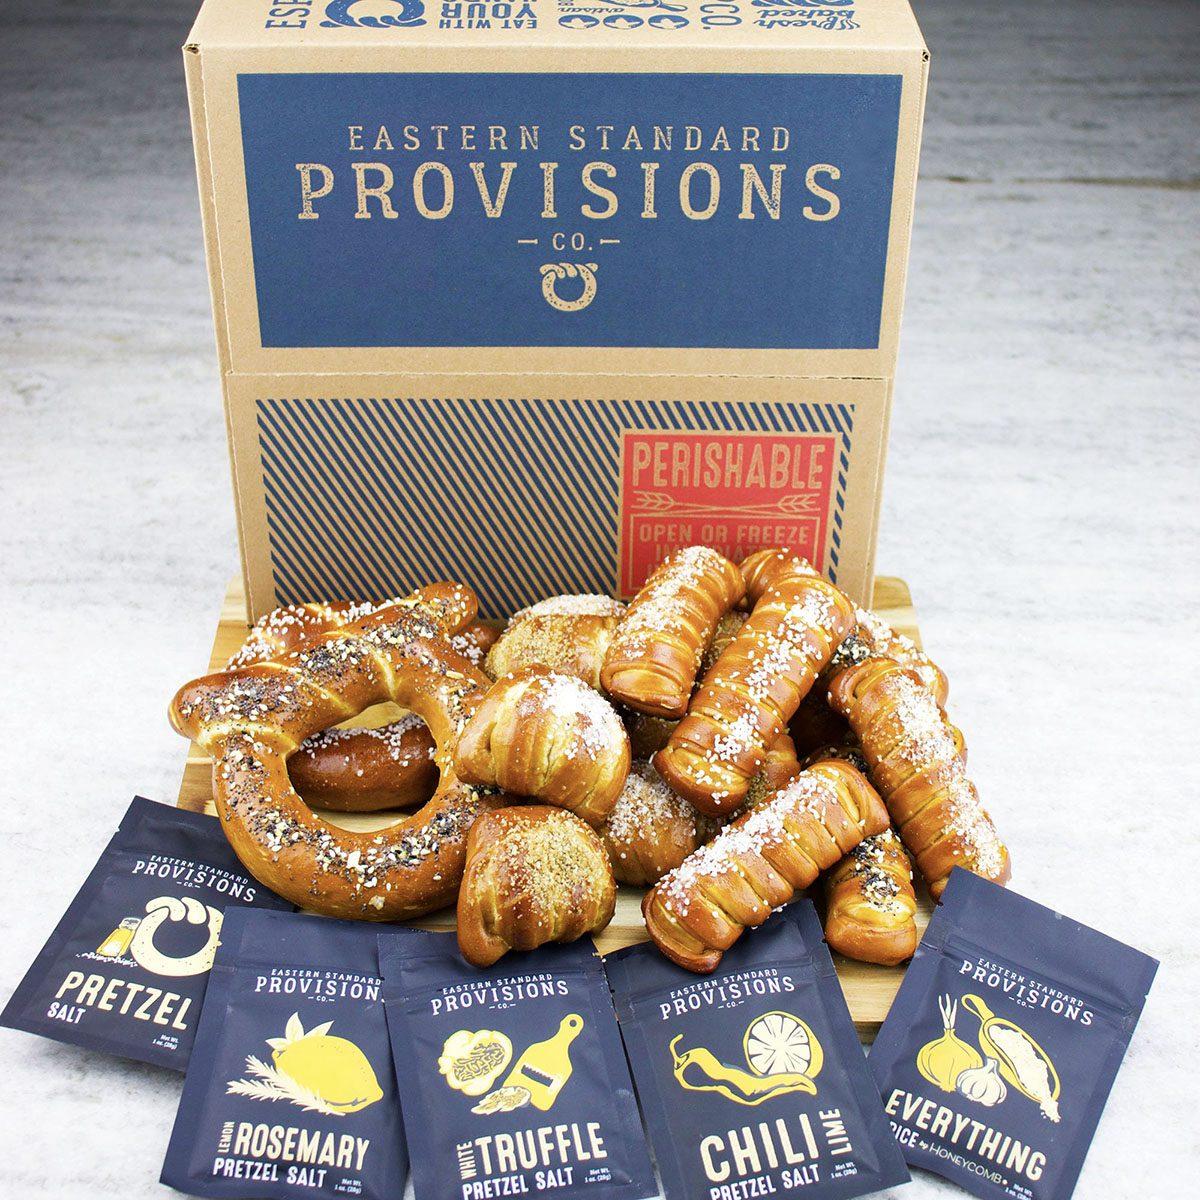 Gourmet Soft Pretzels care package ideas